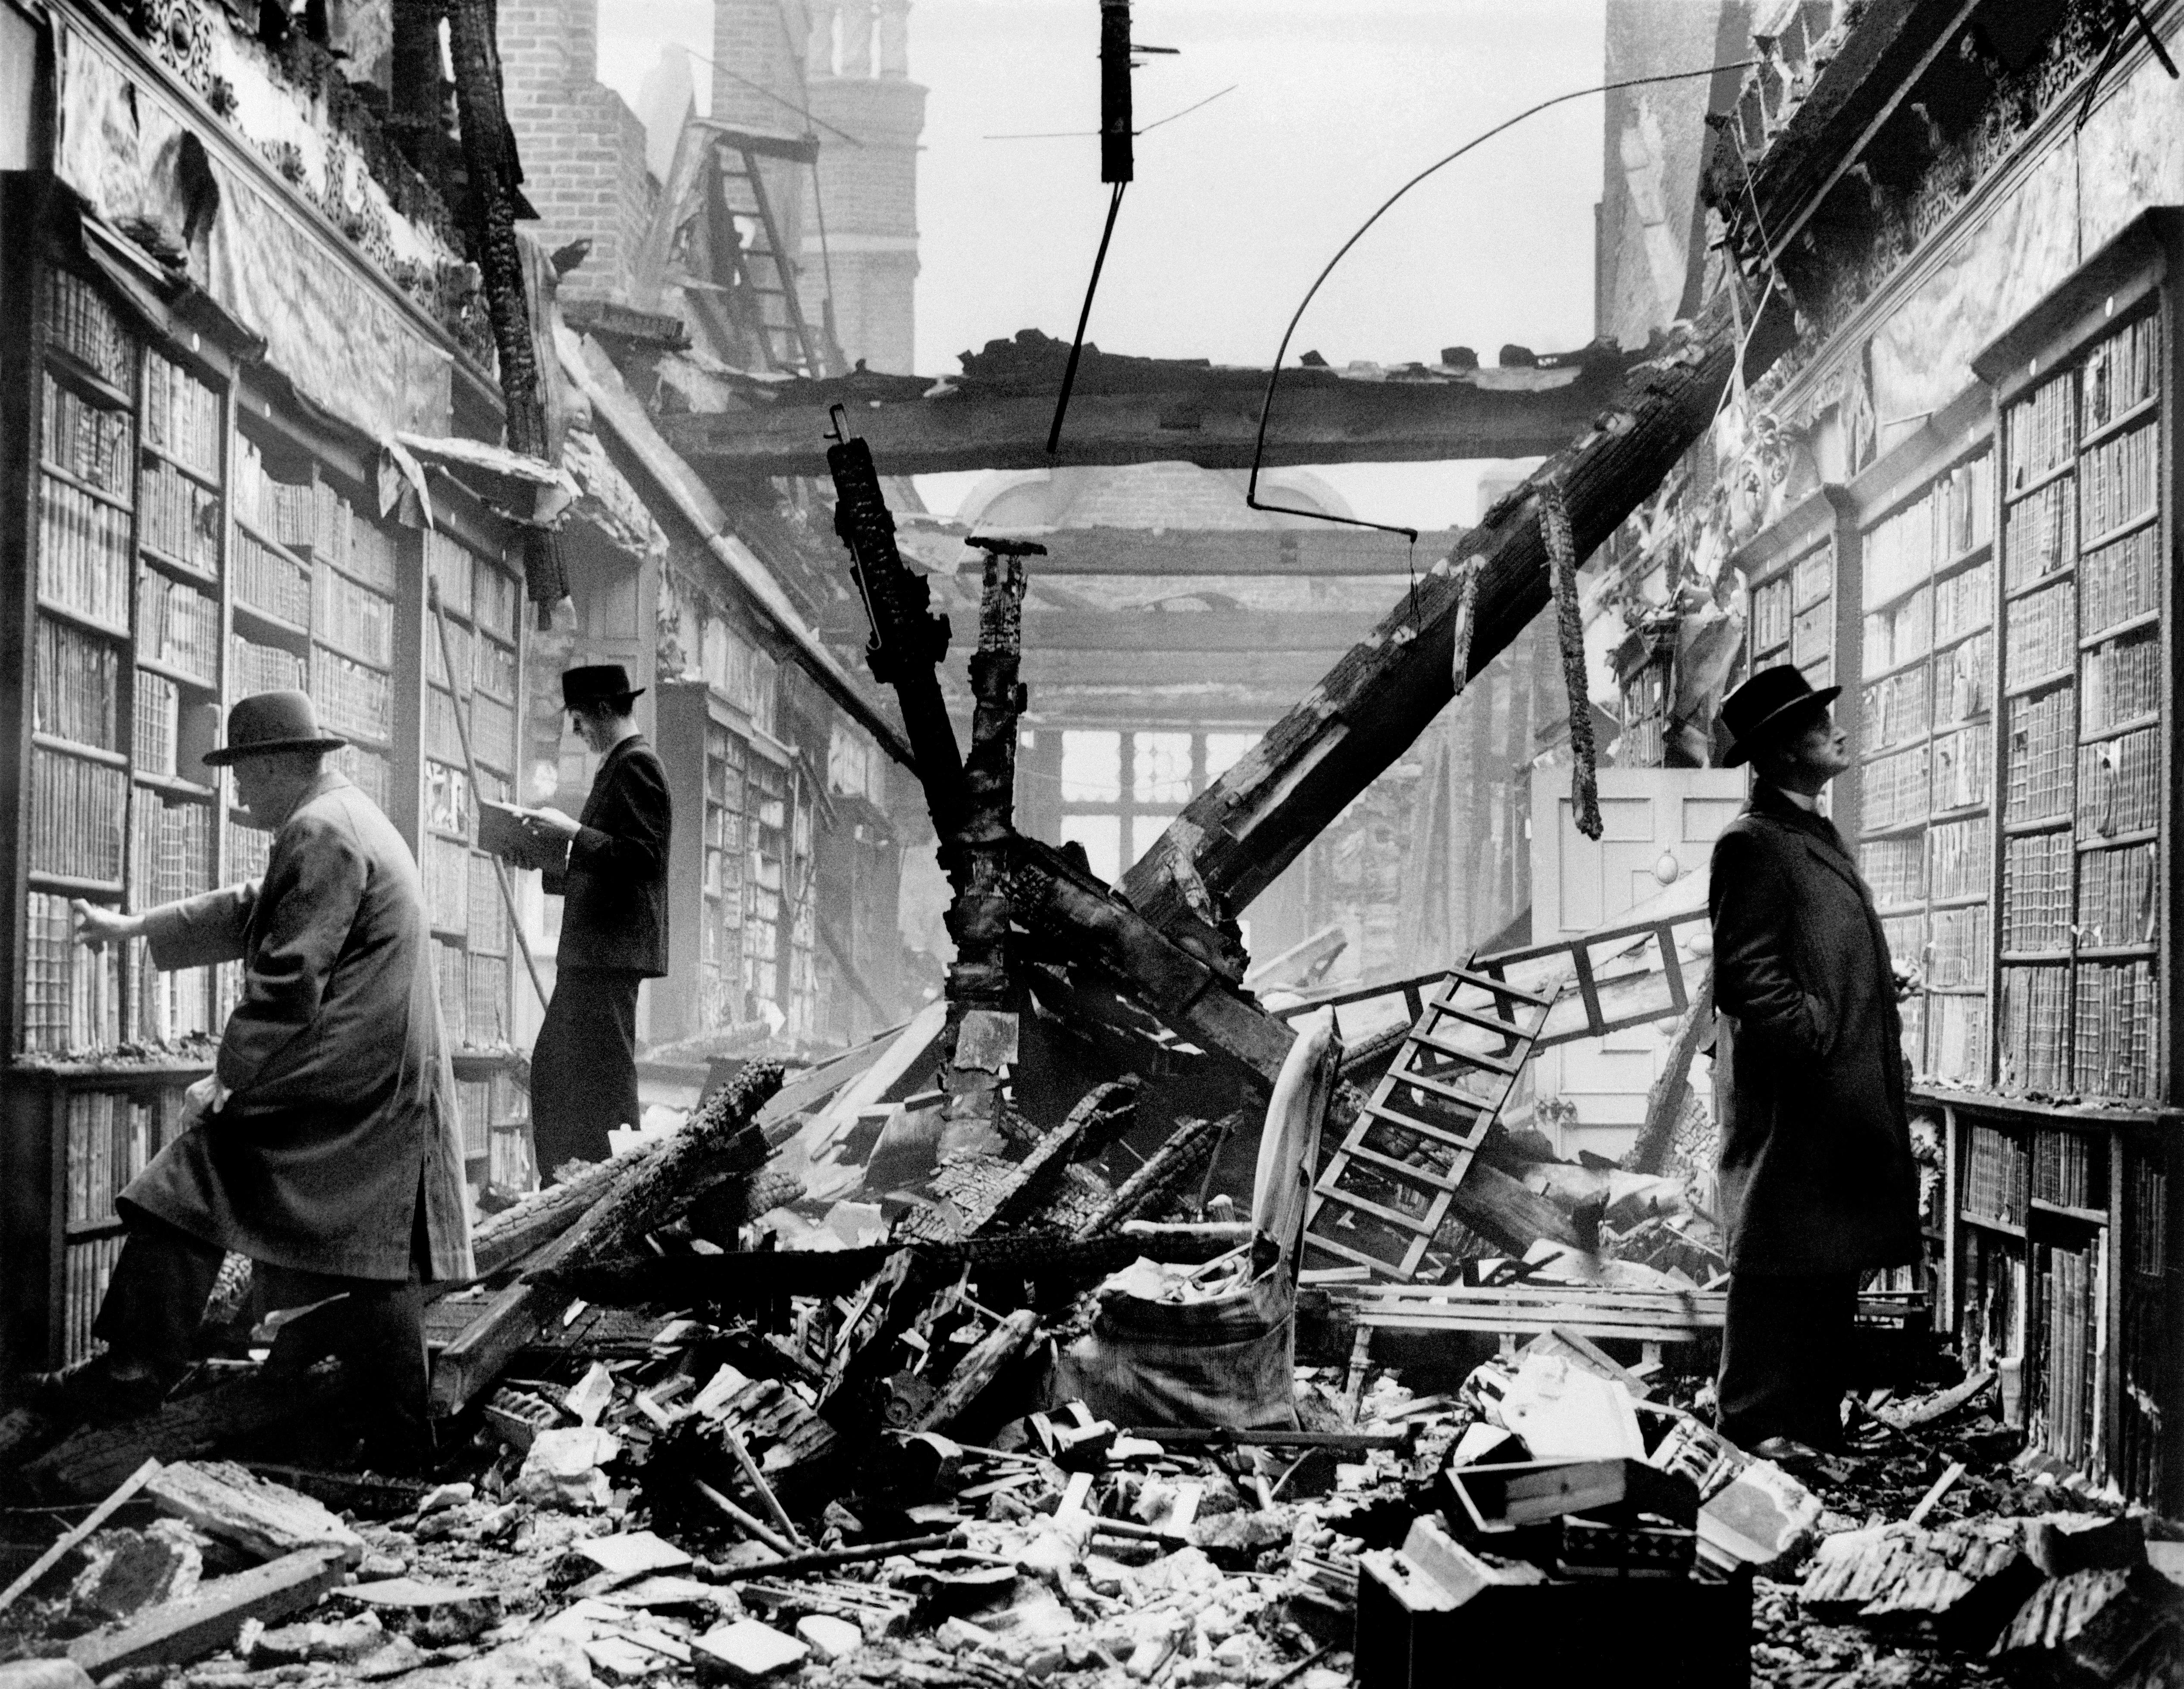 Lecteurs dans la bibliothèque bombardée de Holland House pendant le Blitz sur Londres. Bataille d'Angleterre. Novembre 1940. Photo du War Office.